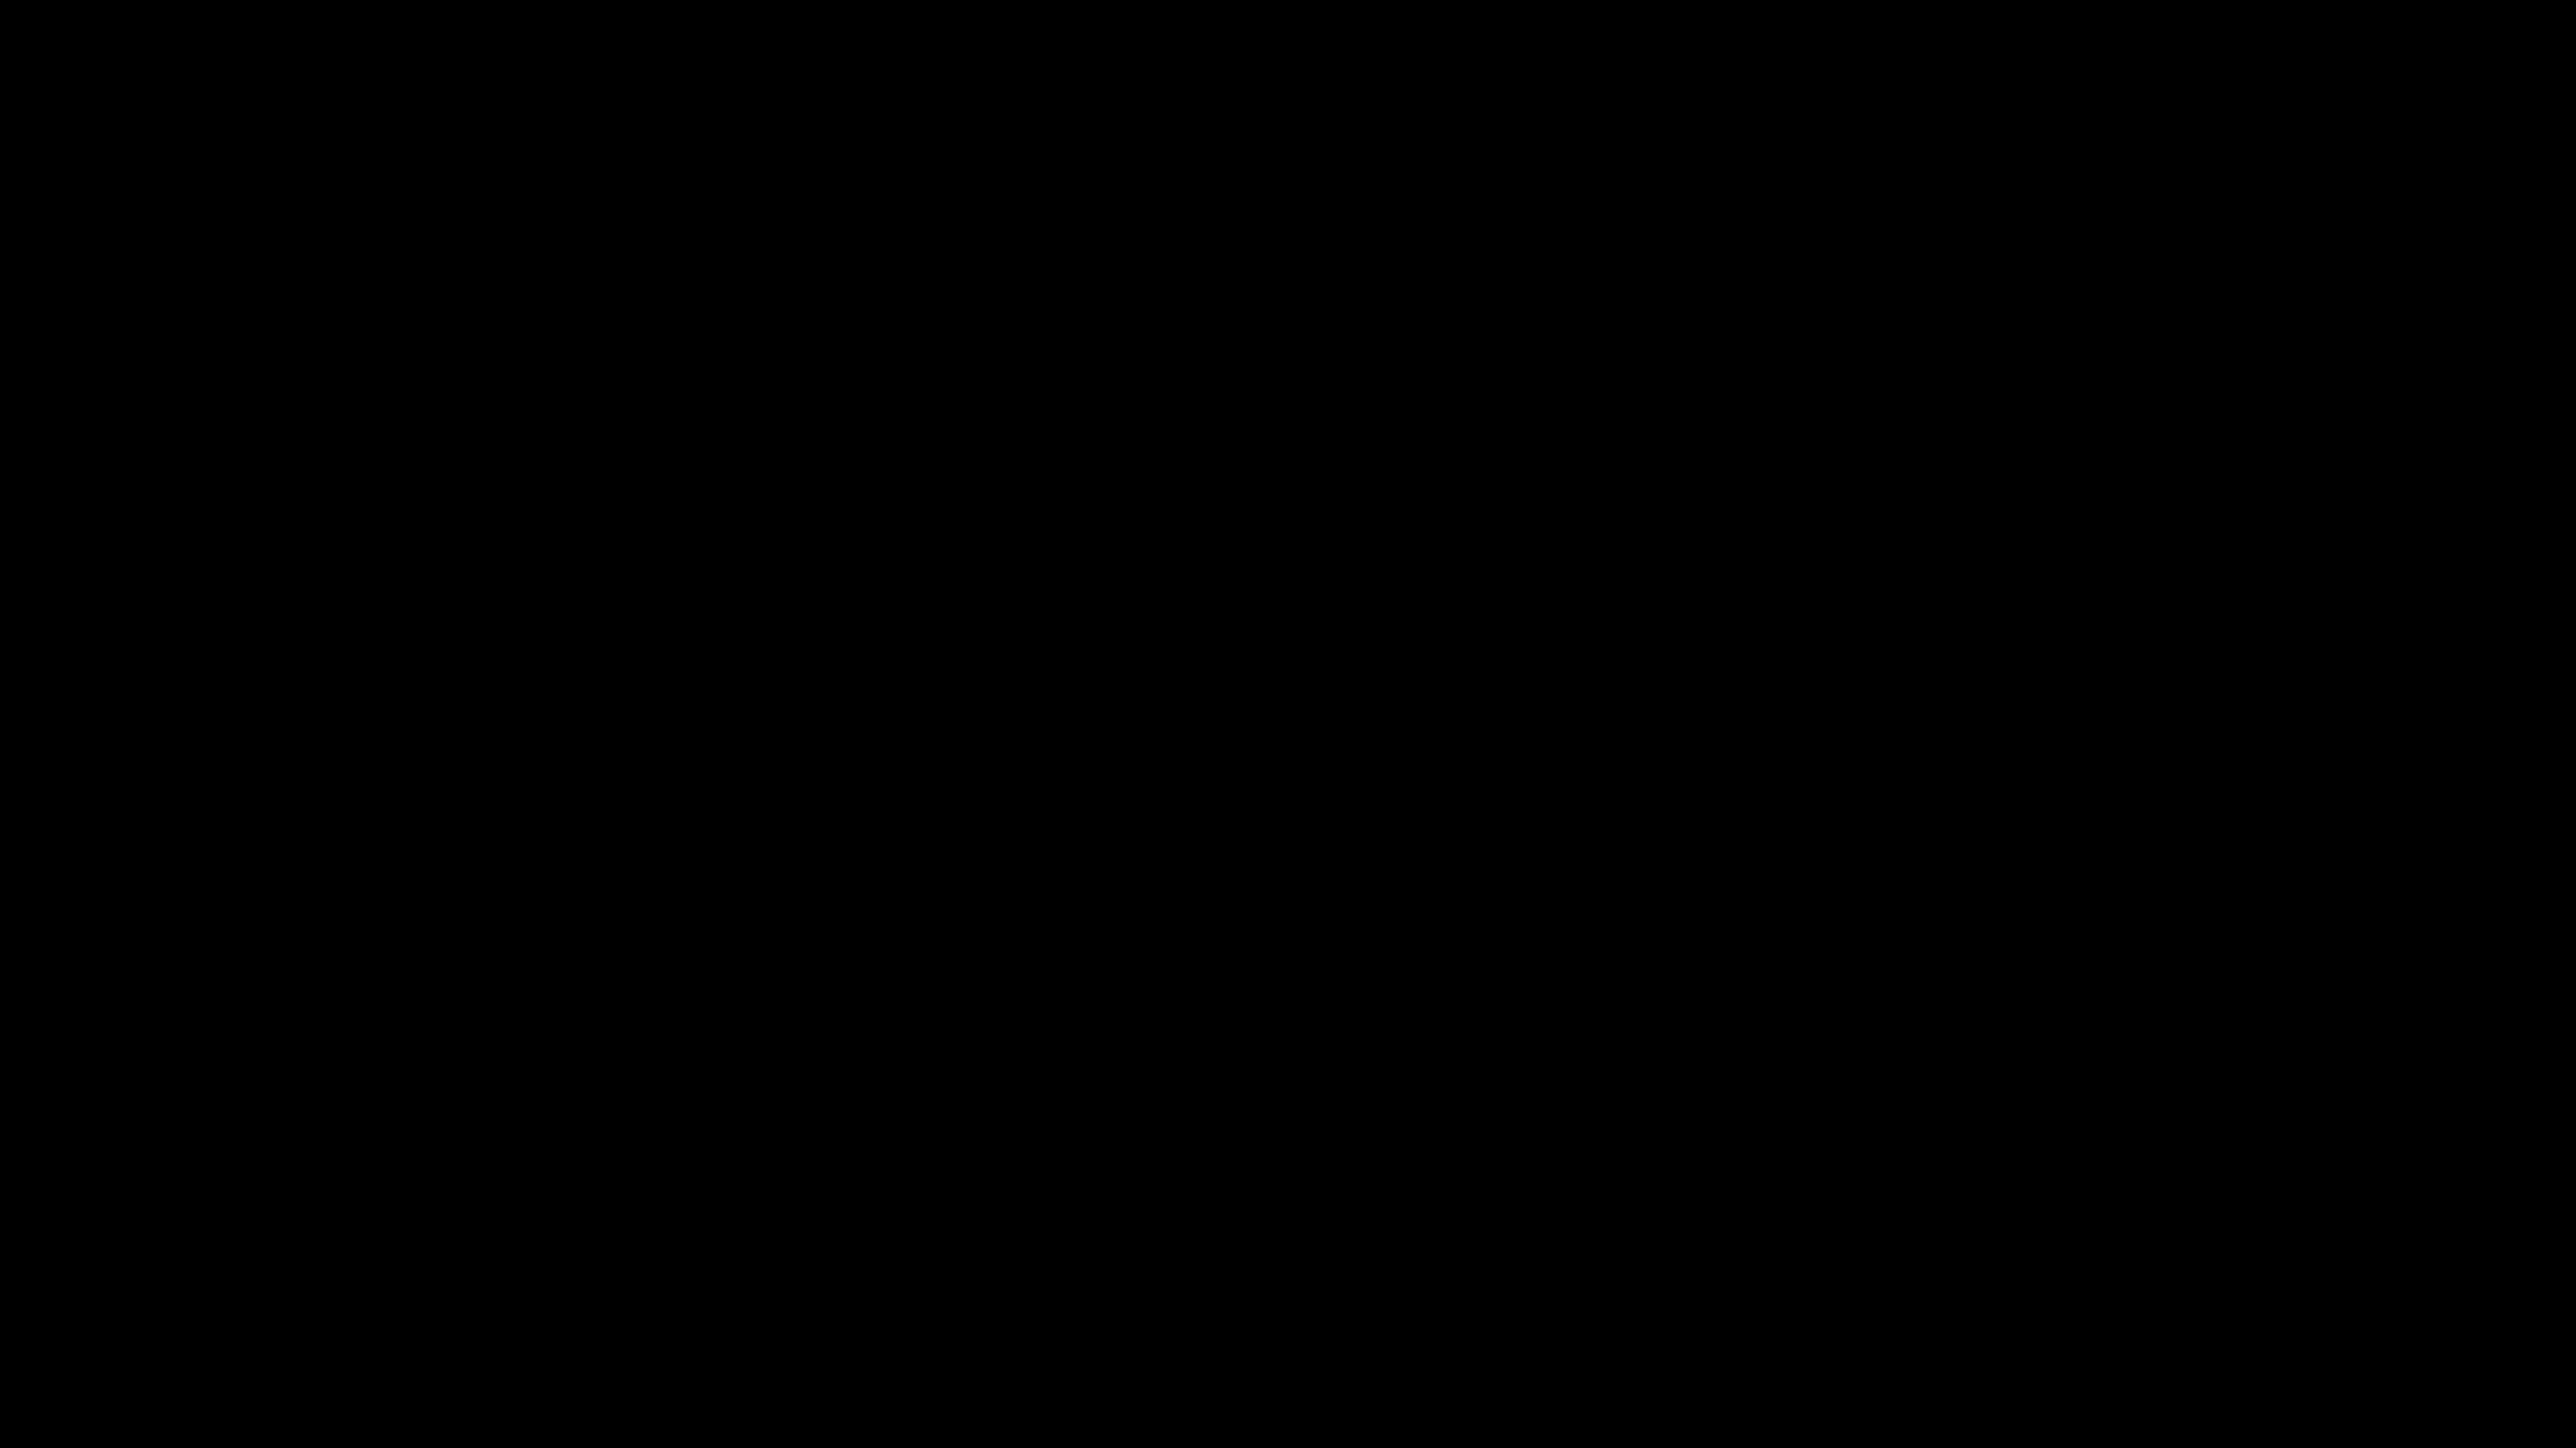 Cartoon Nissan Skyline Nissan Skyline Gtr Tuned